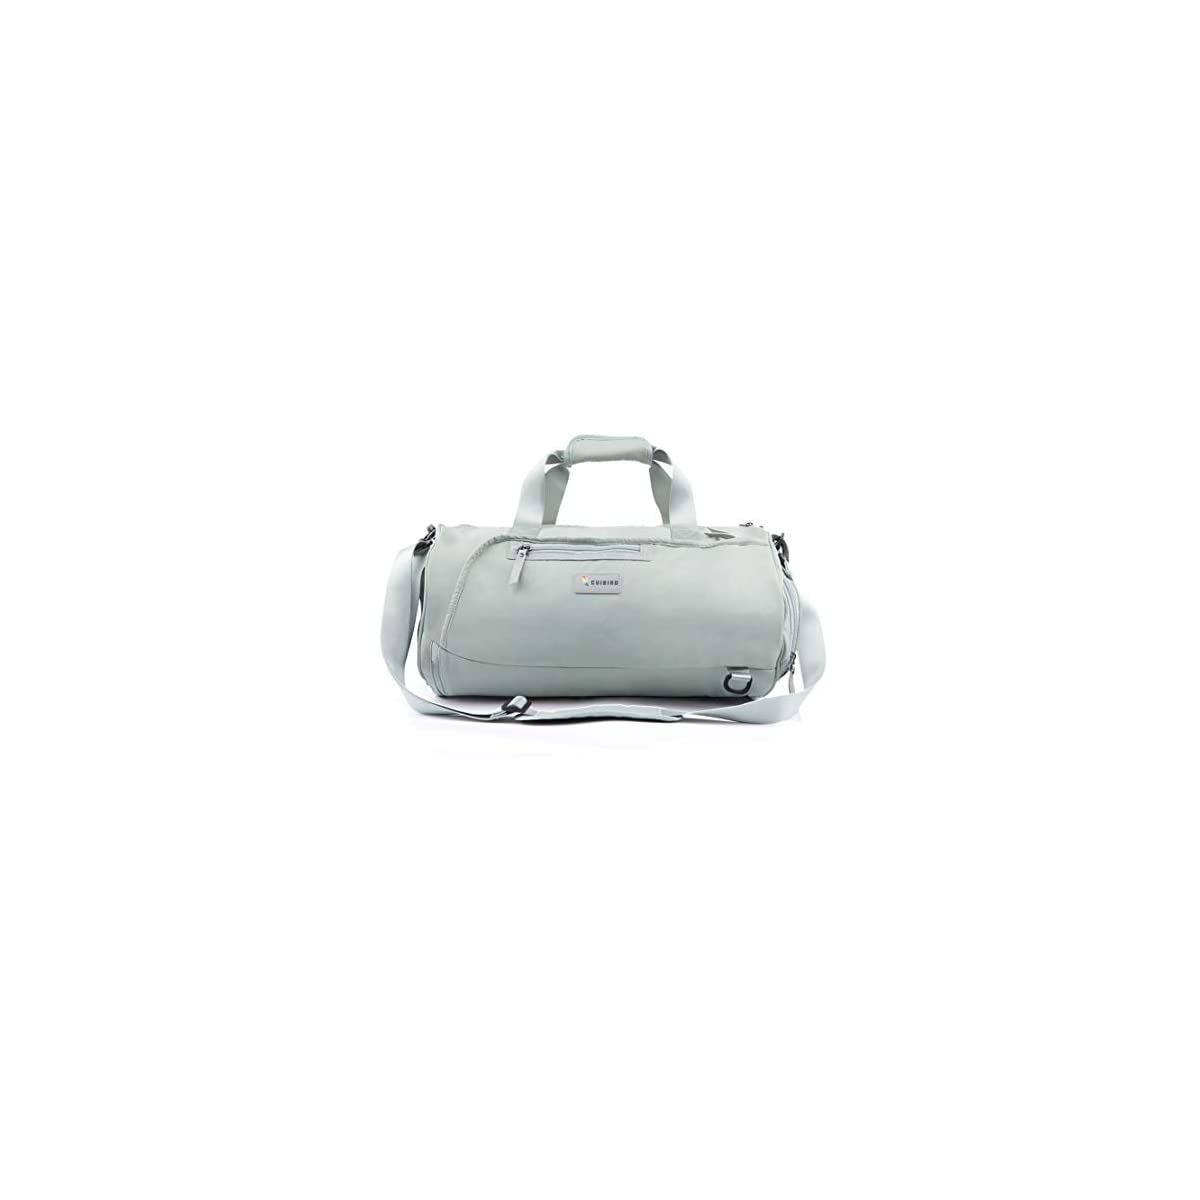 31OqkRz4oxL. SS1200  - Maod - Bolsa de Deporte para Hombre y Mujer, Impermeable, Bolsa de Viaje con Correa para el Hombro y Compartimento para Zapatos